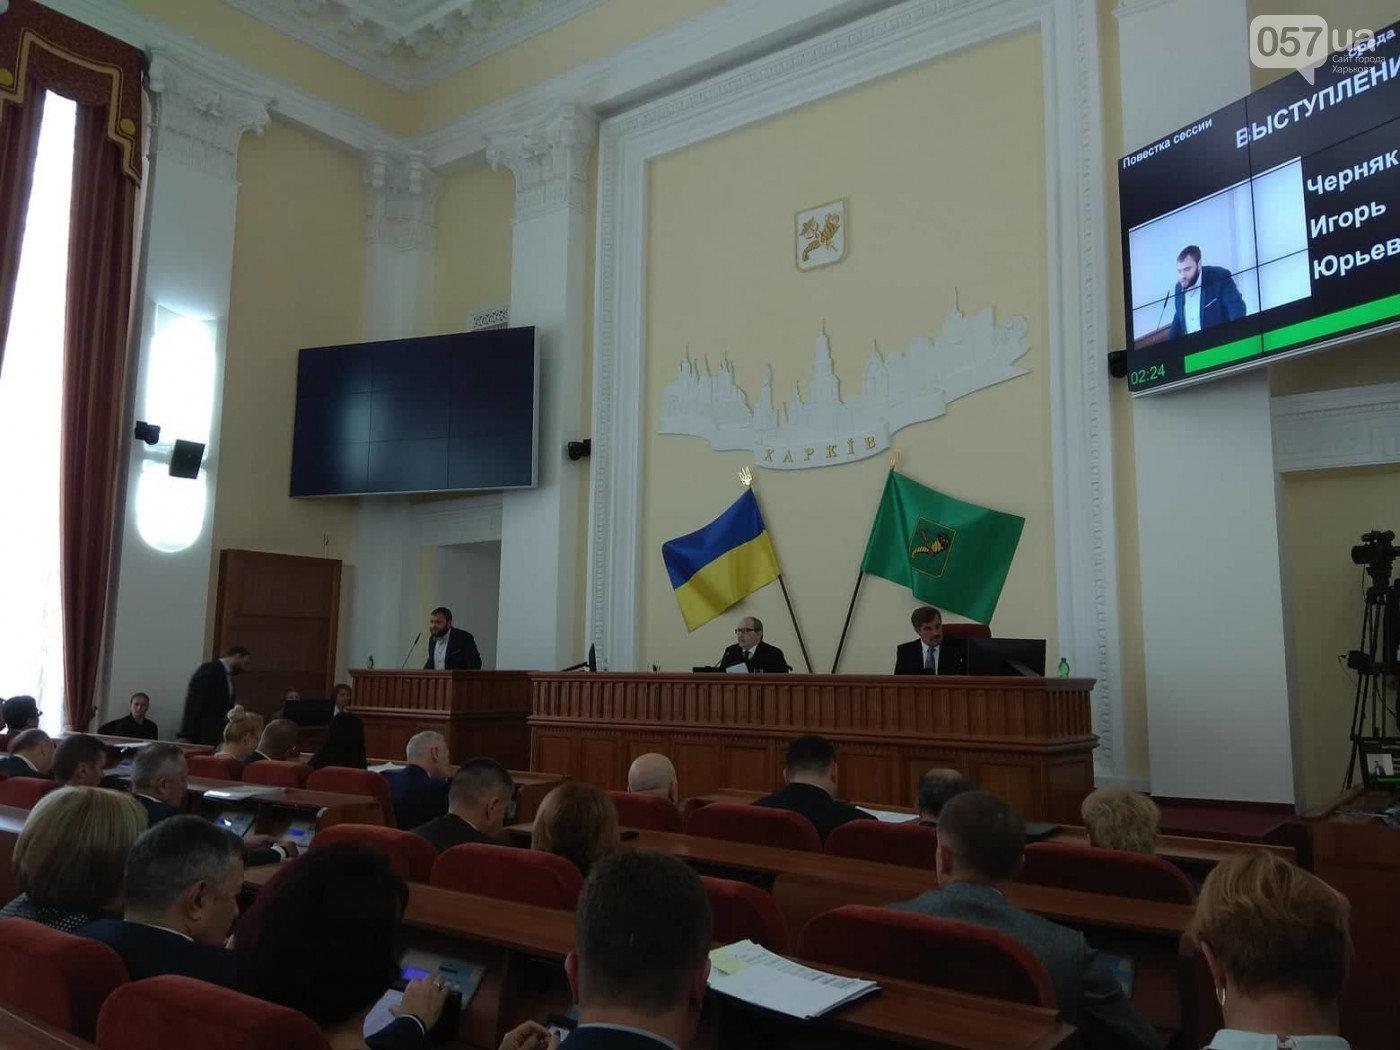 «Коронавирус - маркетинговый ход» и «умрут все пенсионеры». ТОП-10 фраз украинских политиков о COVID-19, фото-5